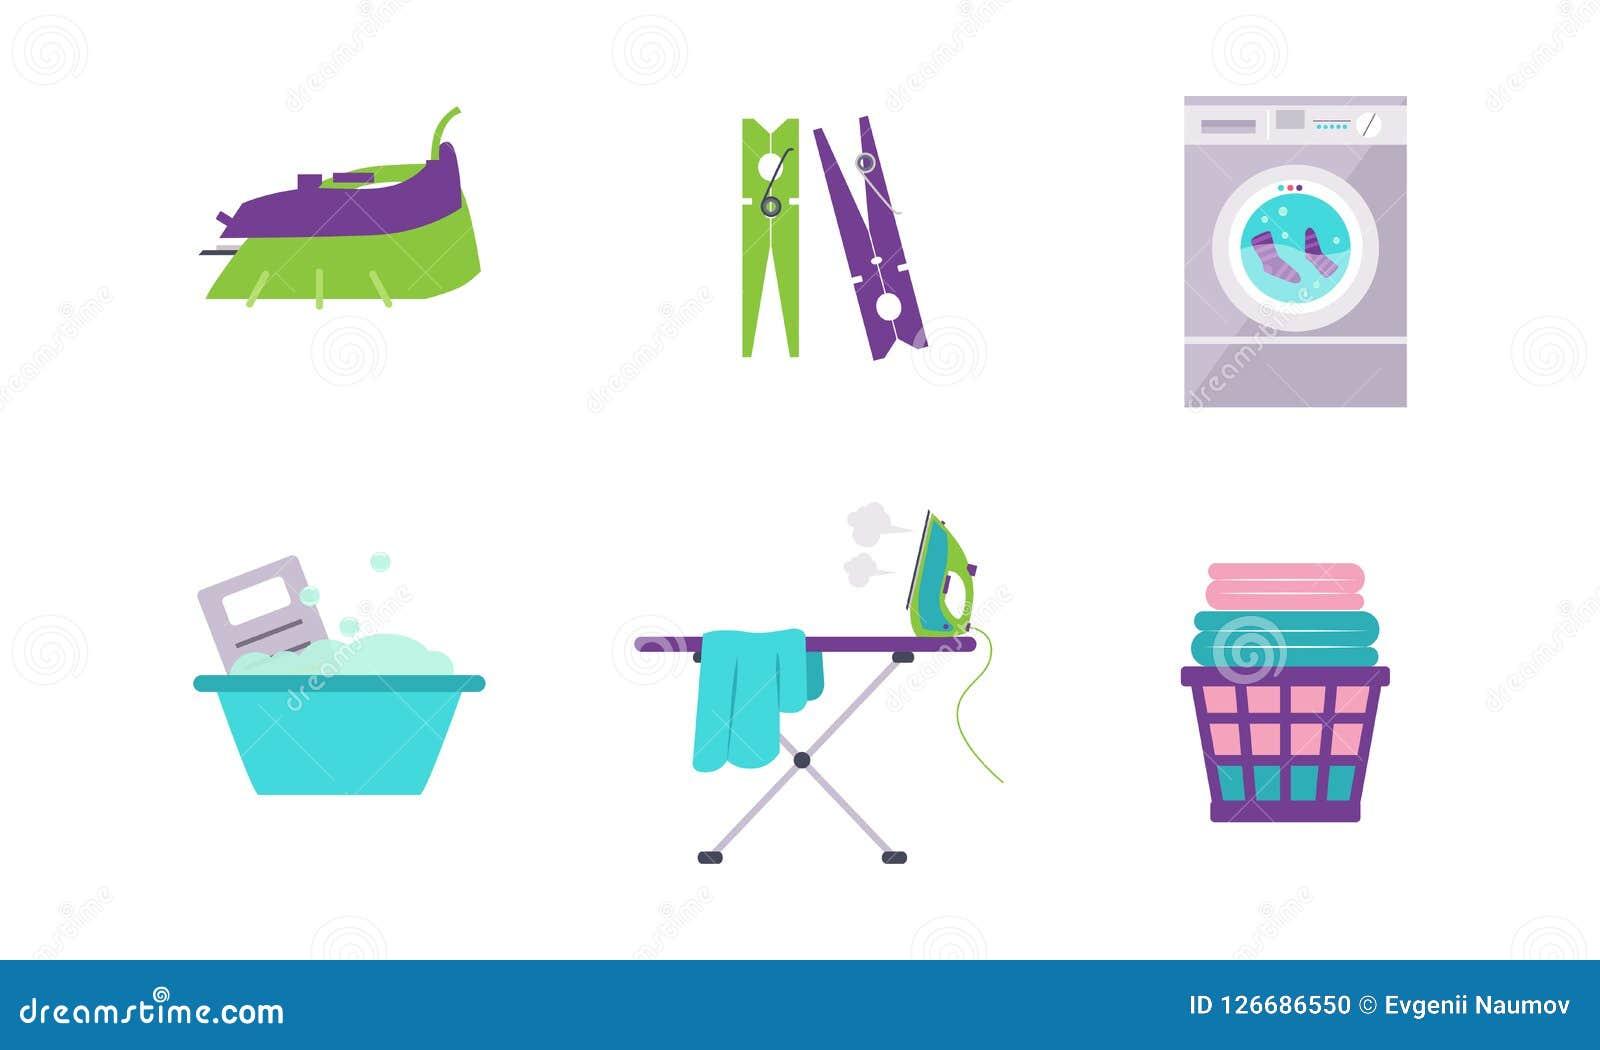 Σύνολο πλυντηρίων, πλυντήριο, λεκάνη, clothespin, σίδηρος, διανυσματική απεικόνιση πινάκων σιδερώματος σε ένα άσπρο υπόβαθρο